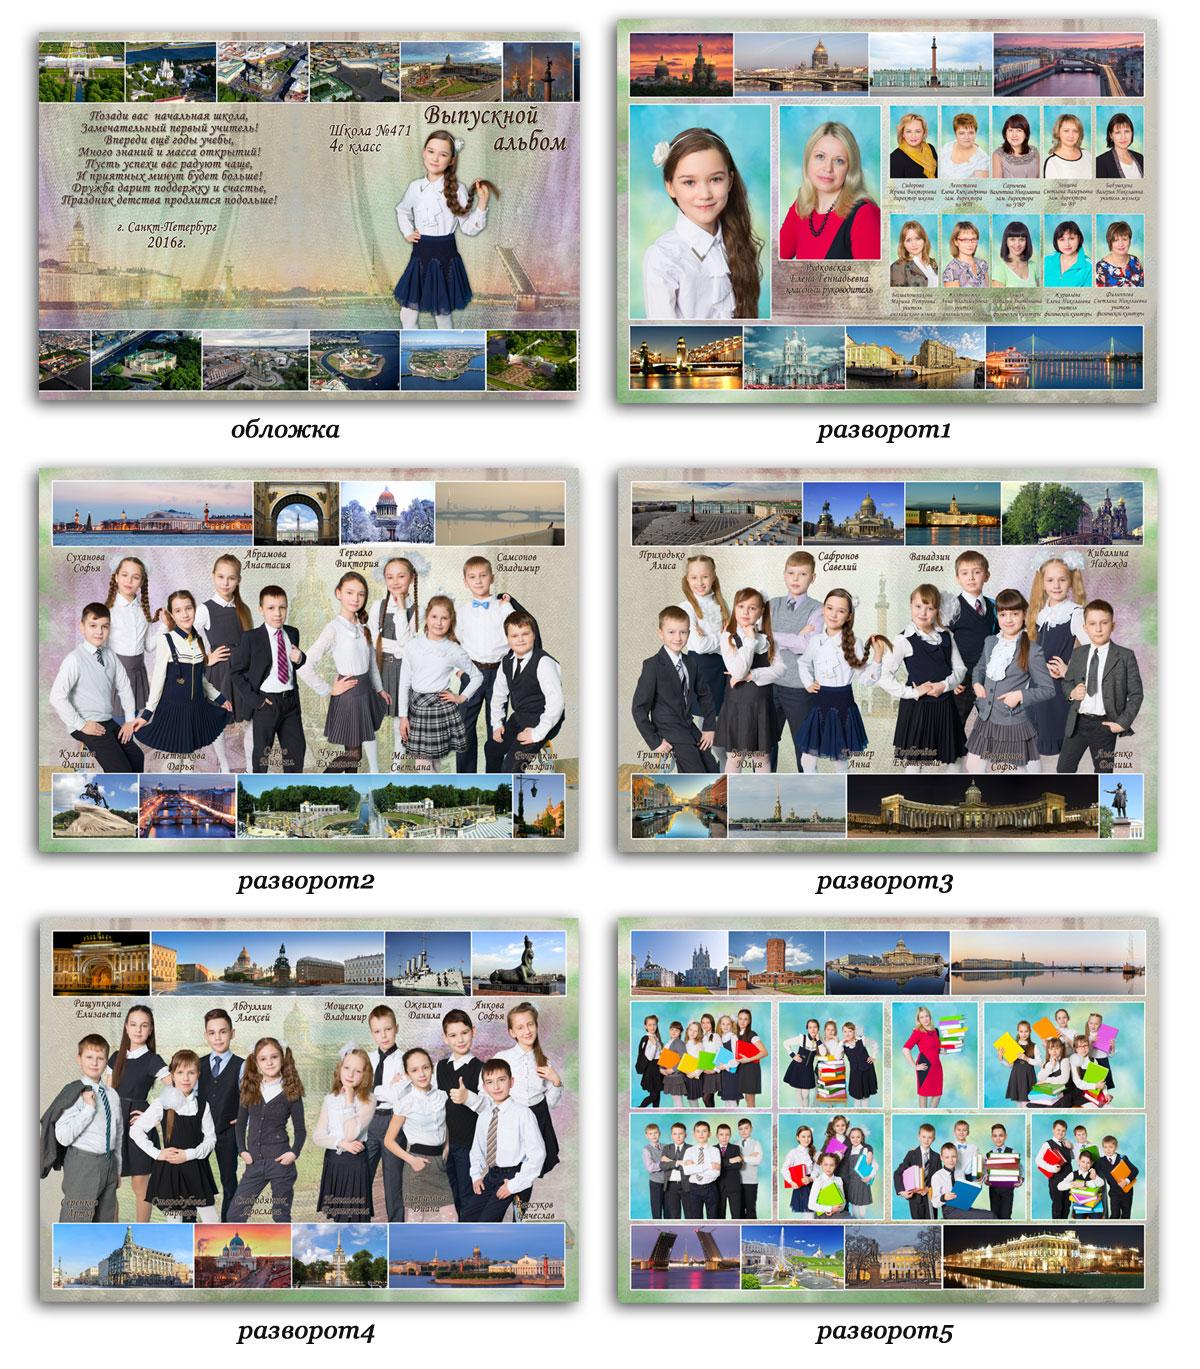 Дизайн разворотов страниц выпускного фотоальбома 4 класс «ПЕТЕРБУРГ»